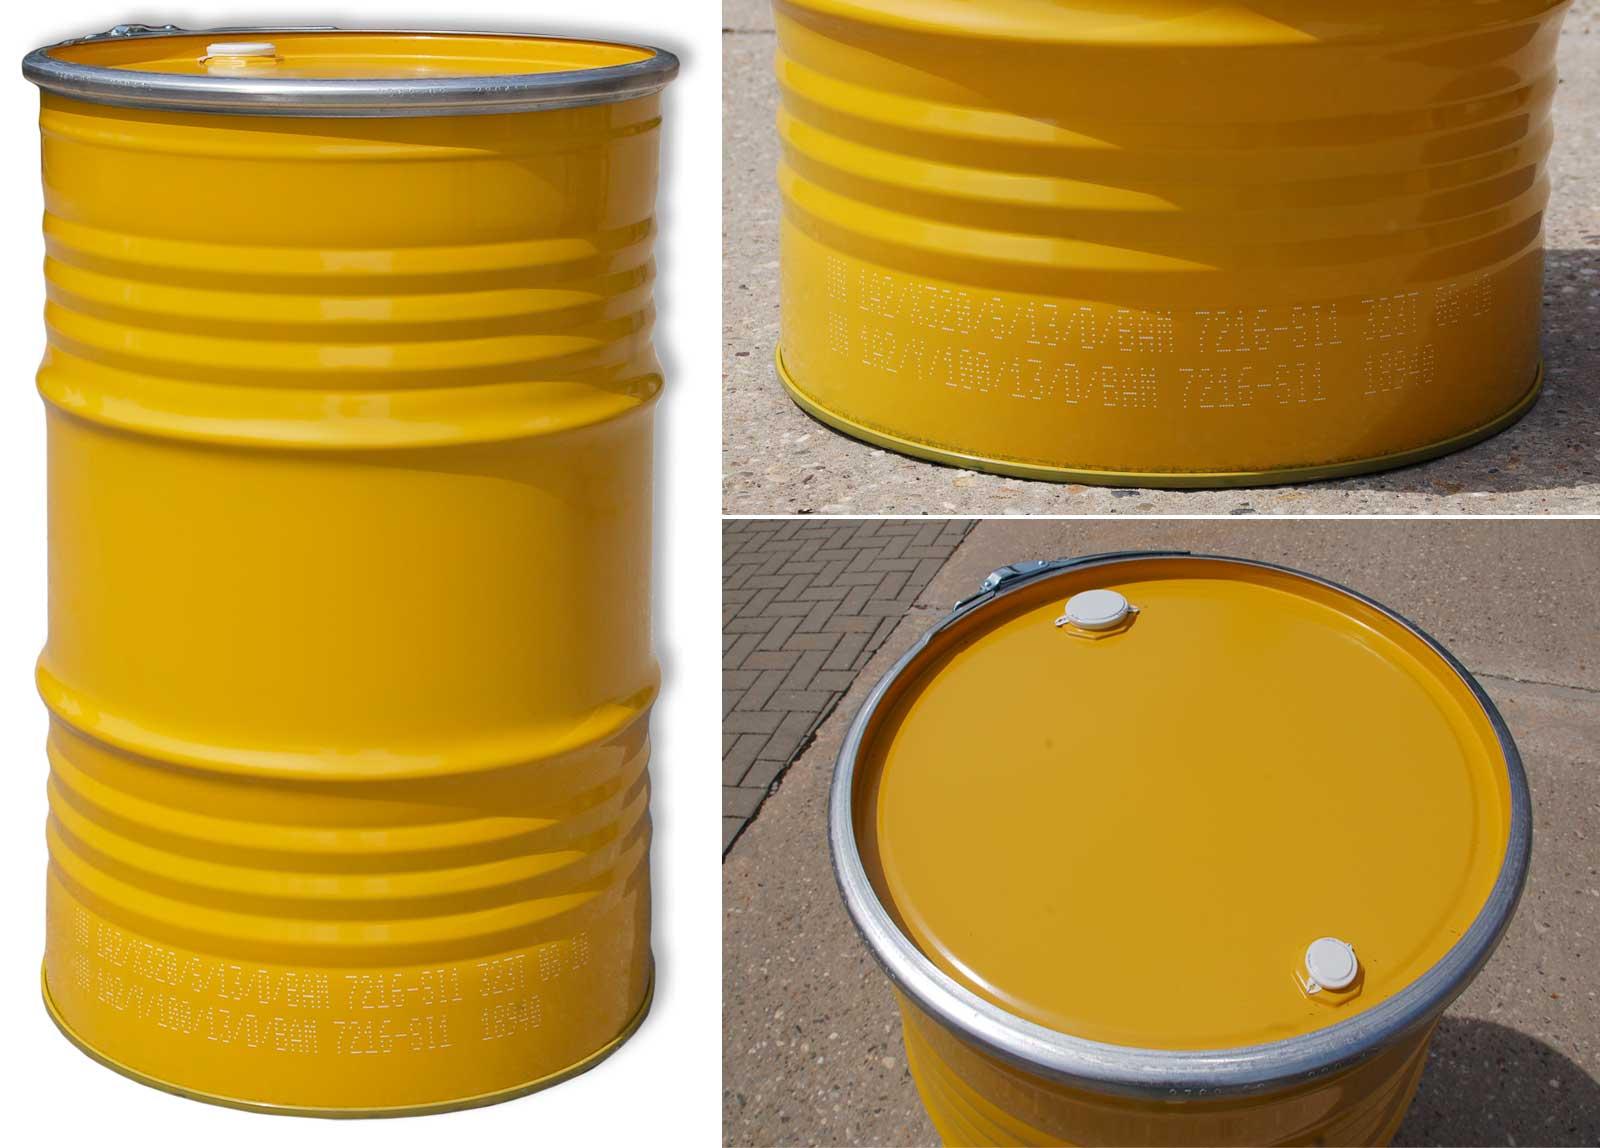 stahlfass gelb fass 213 liter blechfass lfass metallfass. Black Bedroom Furniture Sets. Home Design Ideas